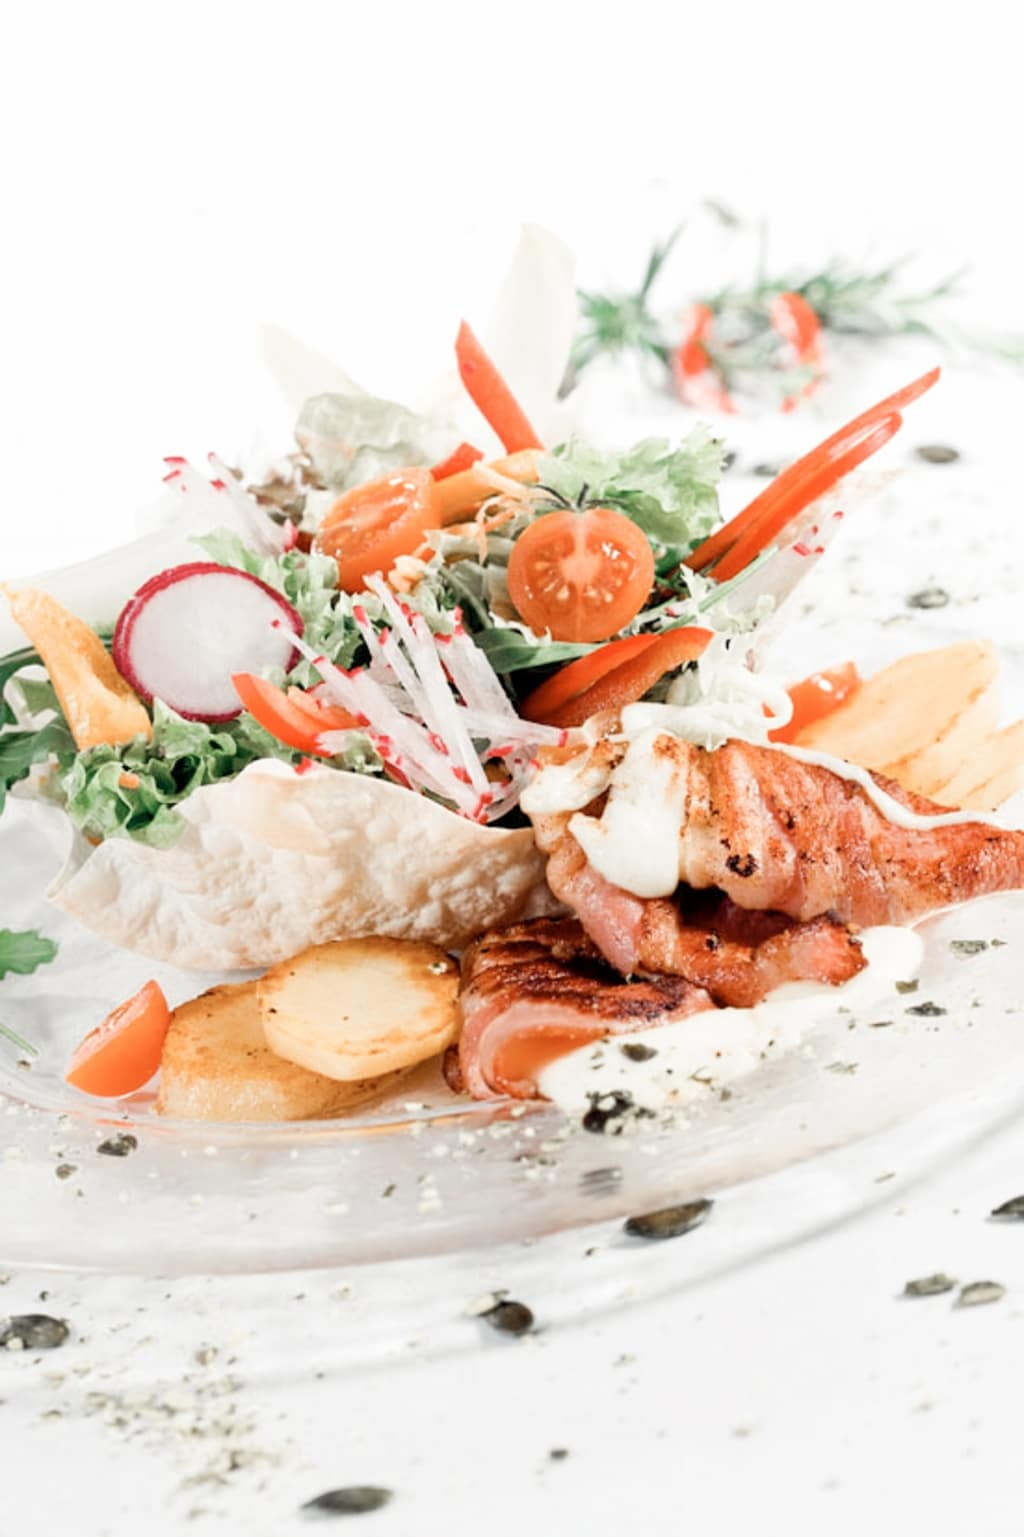 Bio-Weidejungrind mit Salat im Biorestaurant Retter